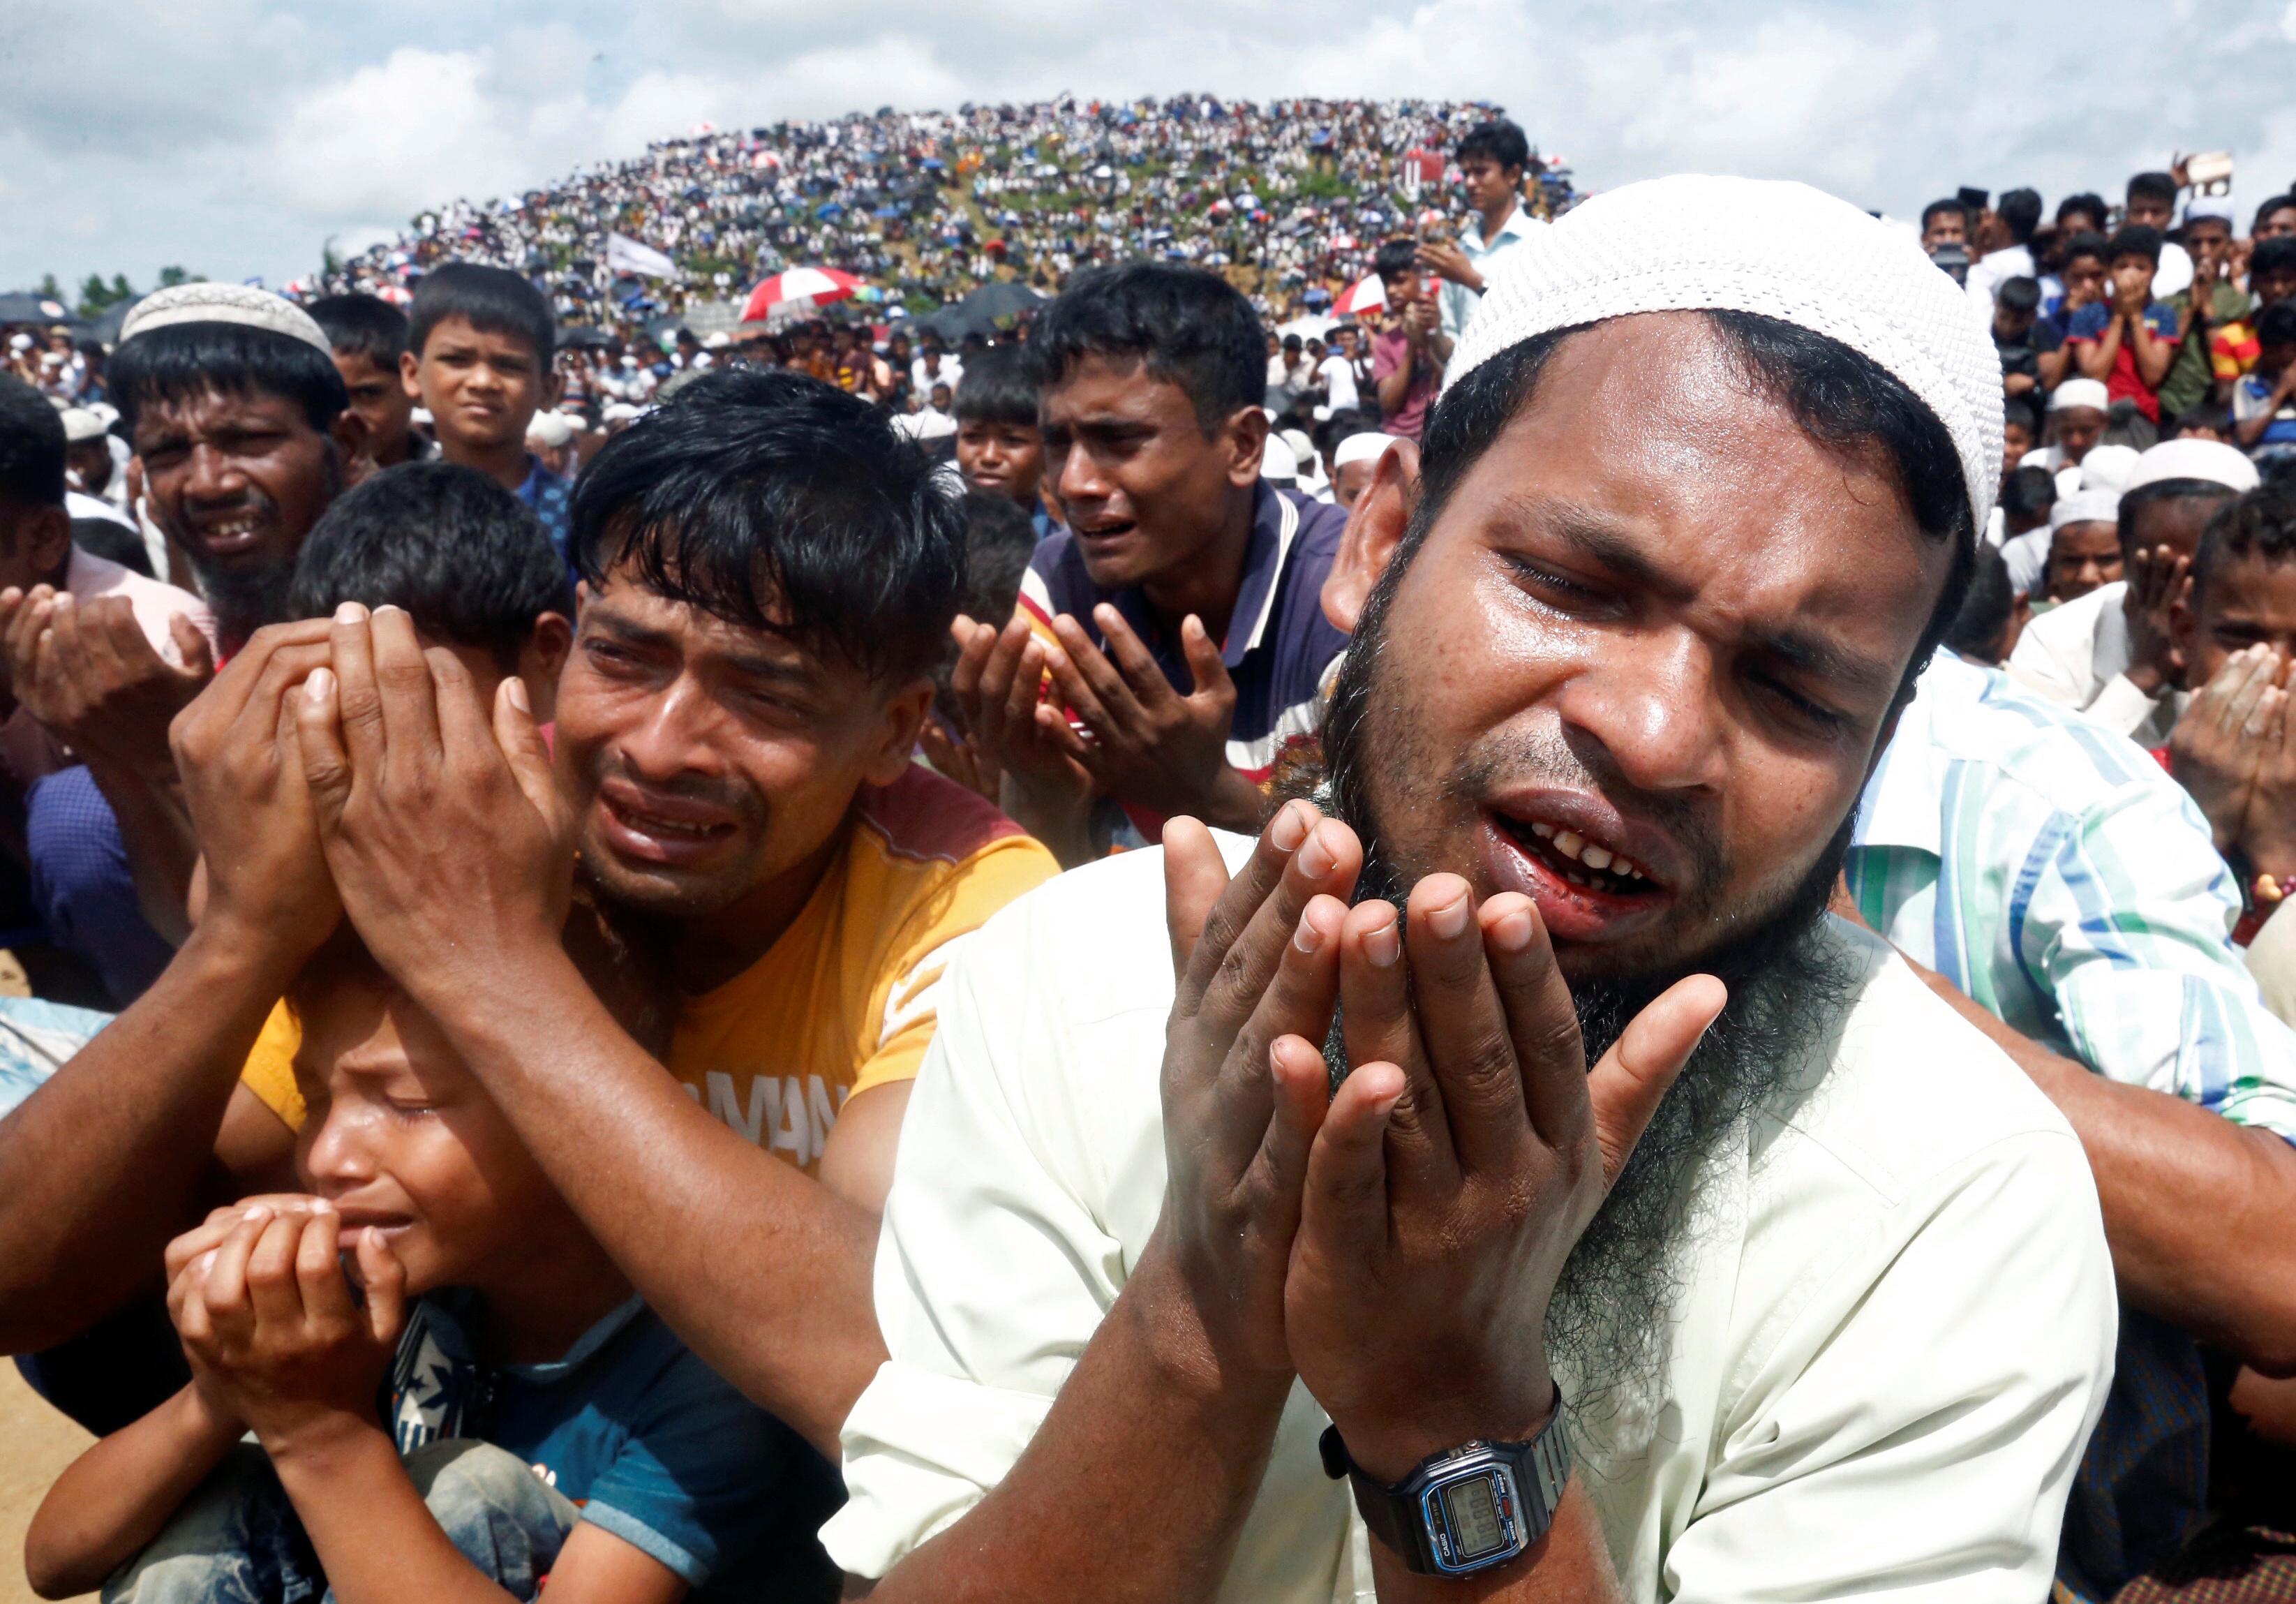 الدعاء هو سلاح مسلمى الروهينجا